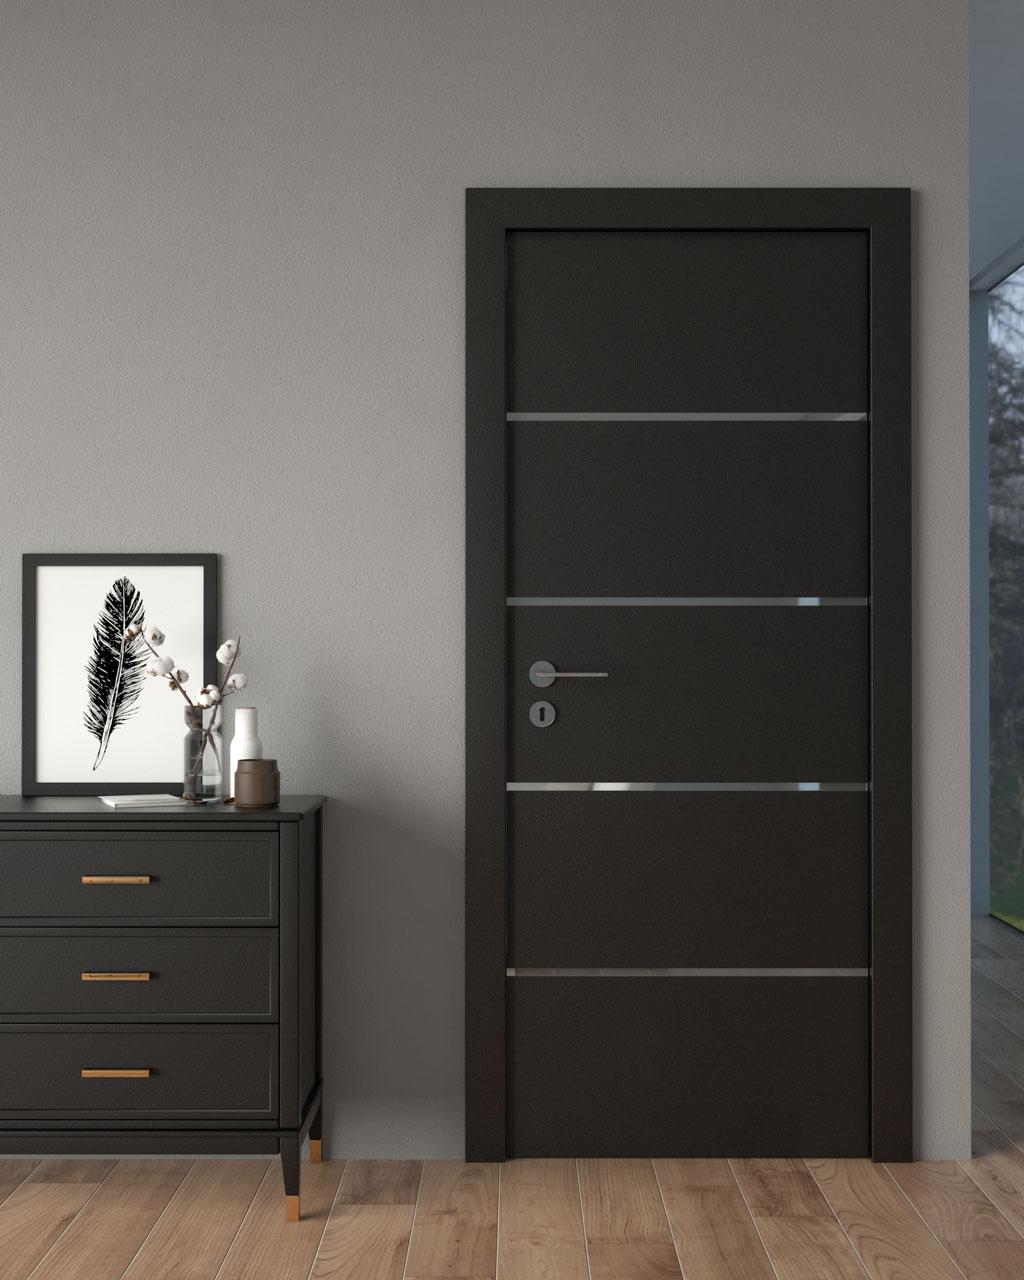 Black door with gray walls